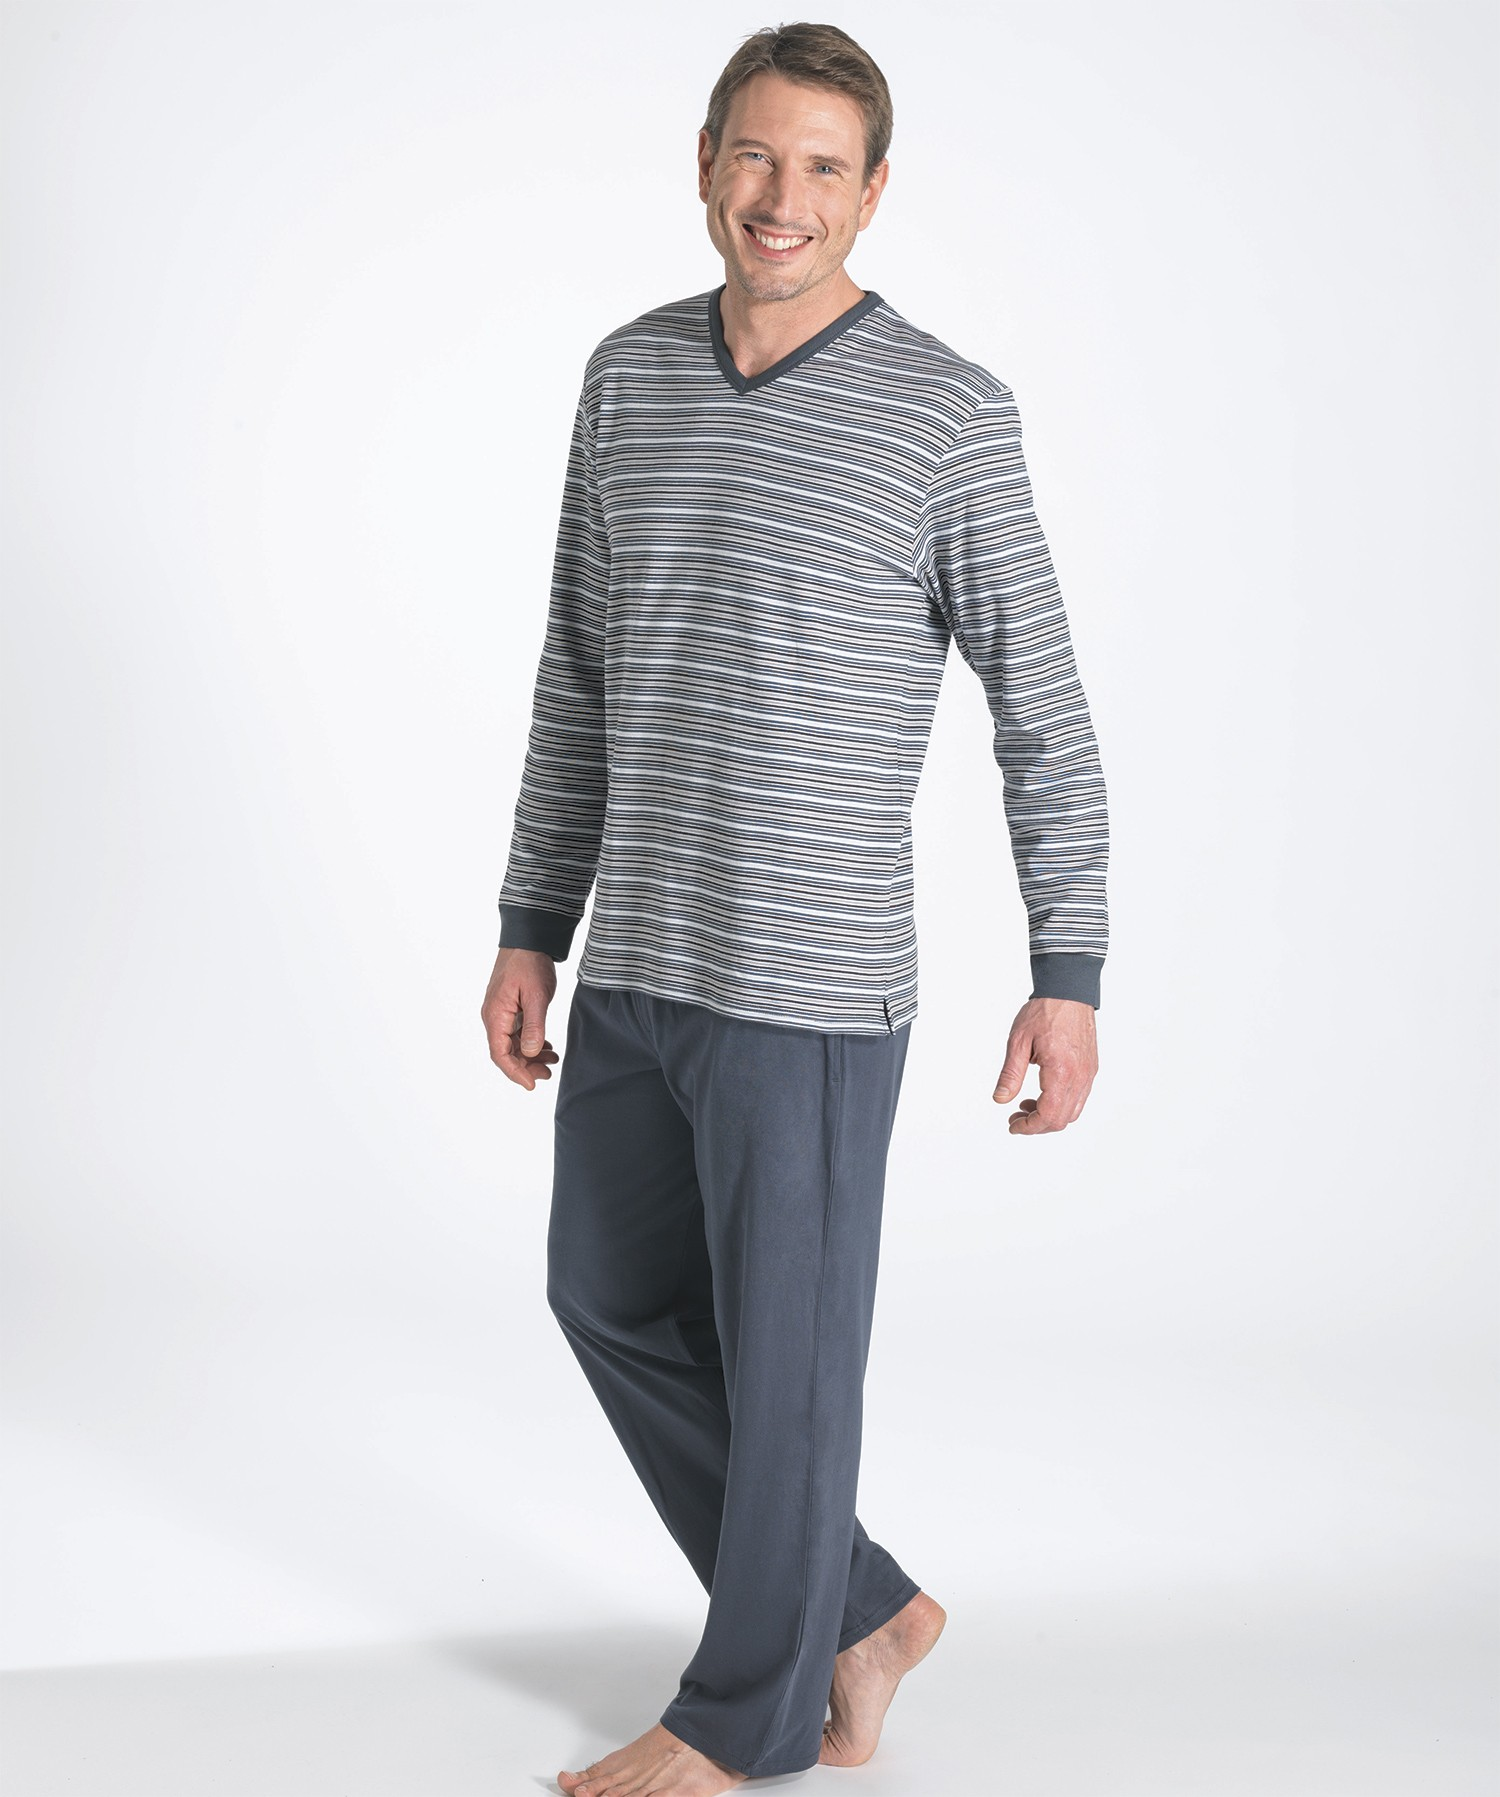 Pyjama pour homme j 39 adore avoir chaud for Pyjama homme chaud